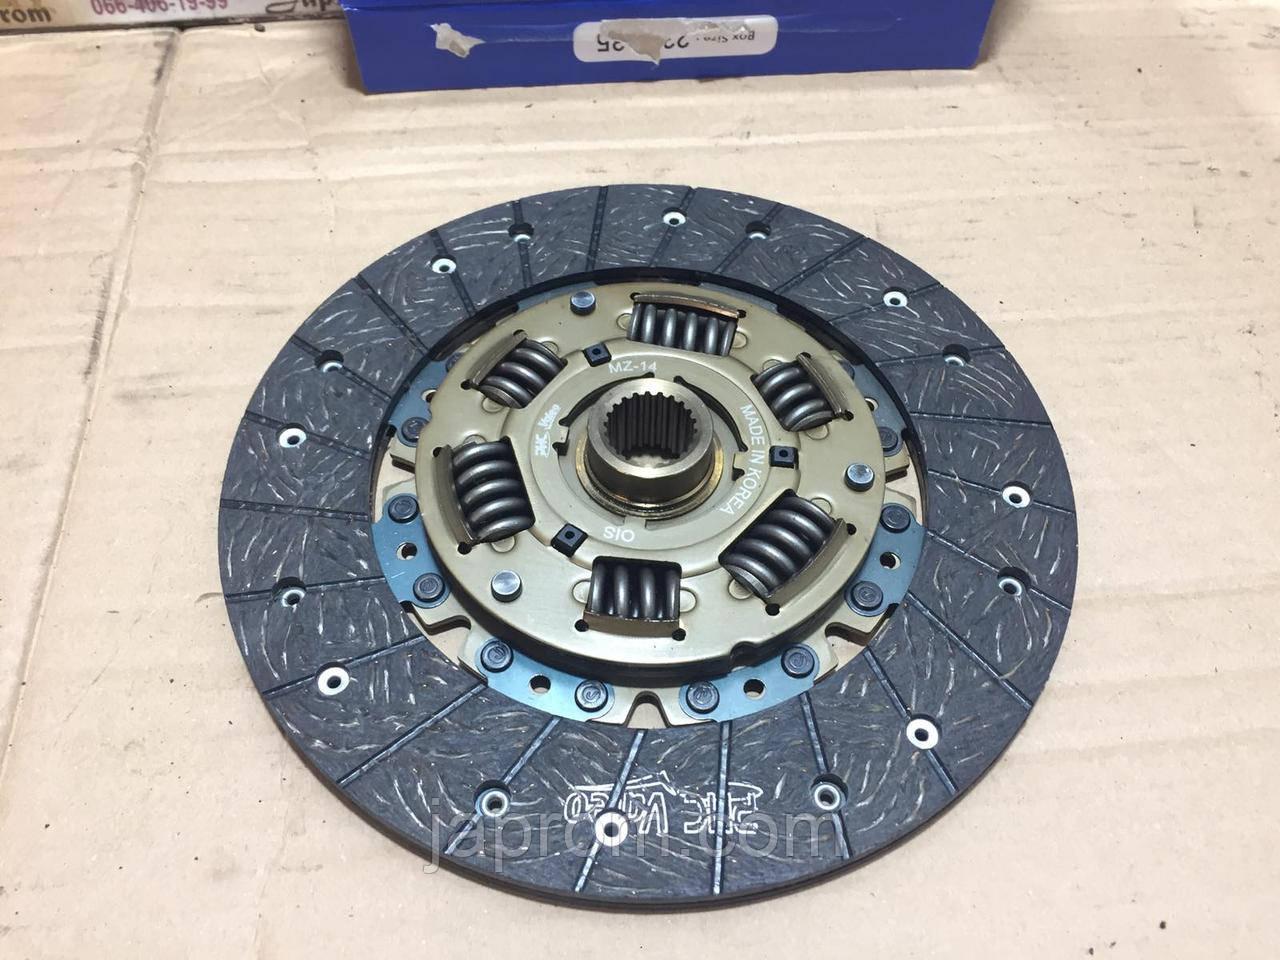 Диск сцепления Mazda 626 GC GD GE GF 1992-2002г.в. 1.8 2.0 бензин D225 22 зуб. MZ14 Valeo